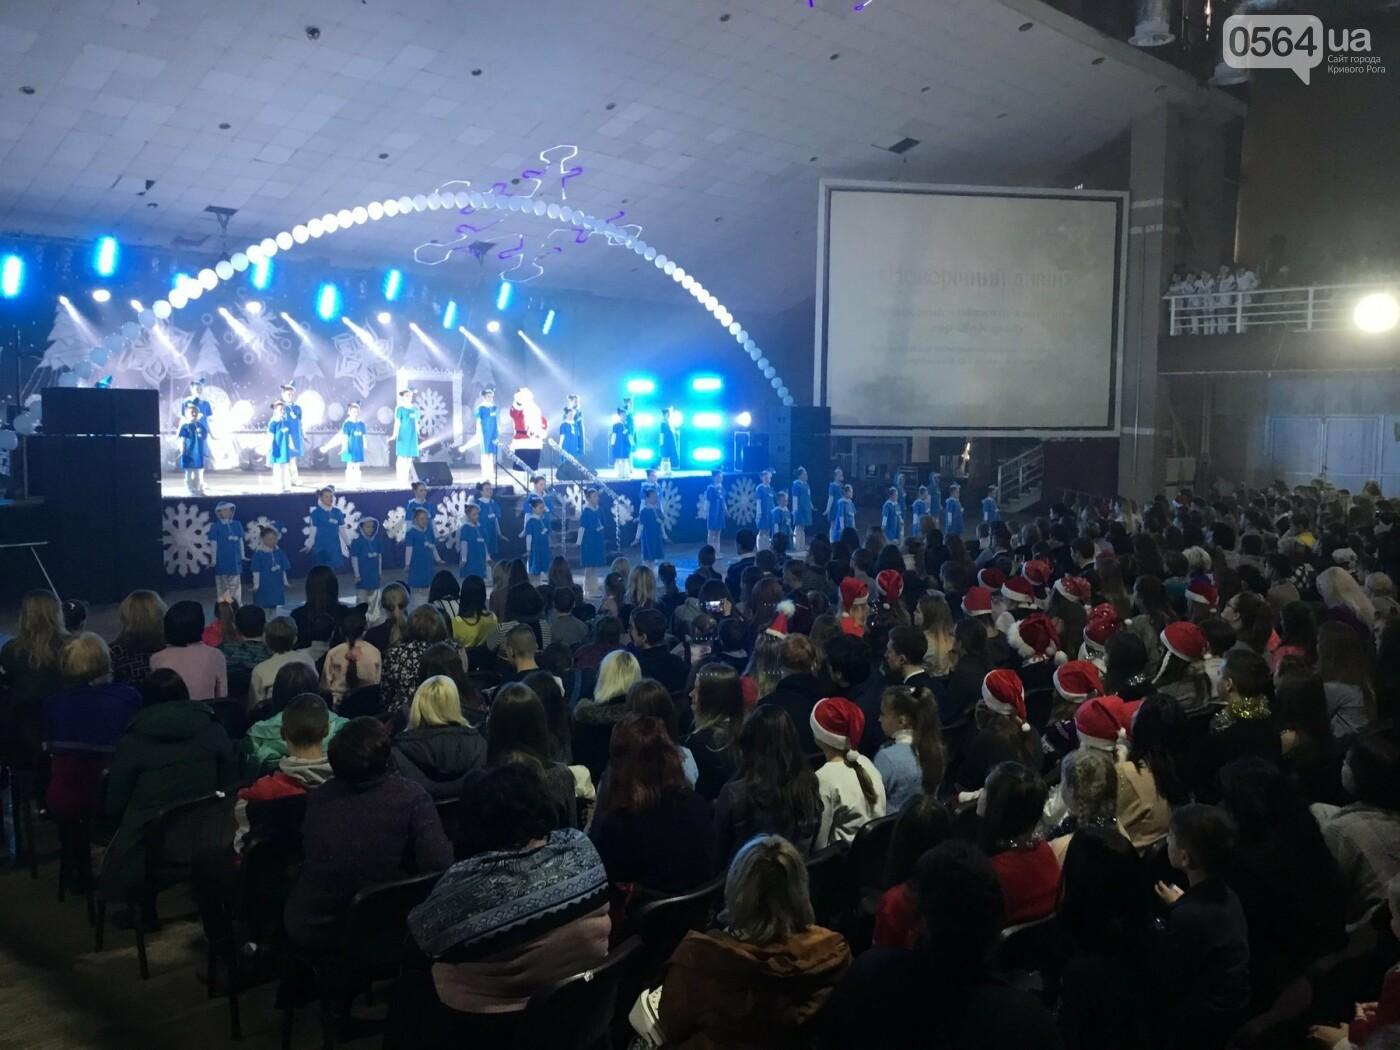 """В Кривом Роге на """"Главной елке"""" поздравили более 1,5 тысячи юных криворожан, - ФОТО, ВИДЕО, фото-16"""